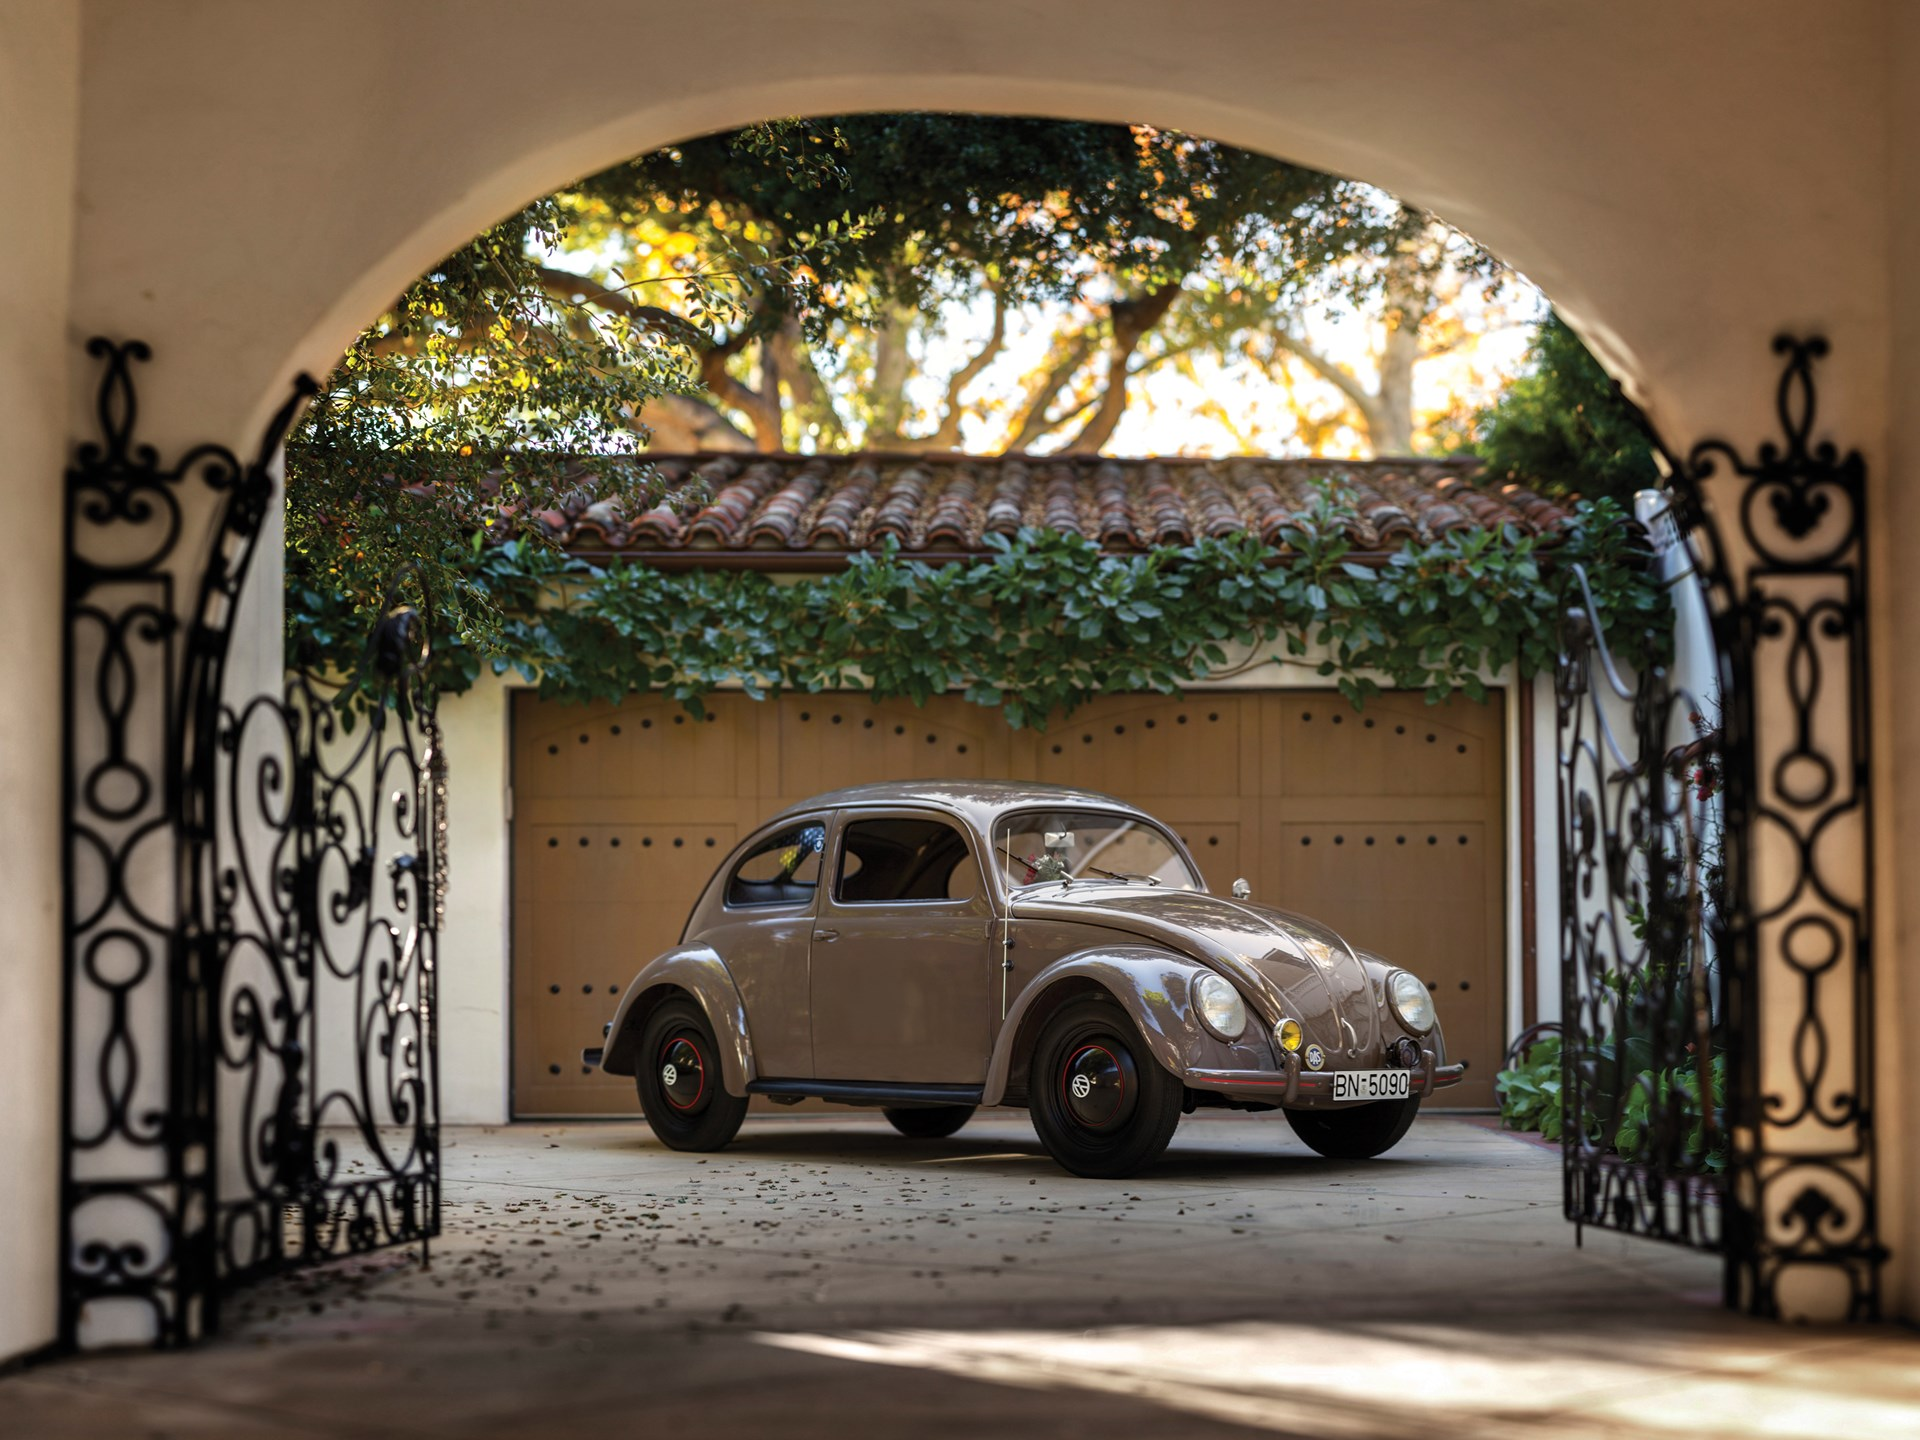 RM Sotheby's - 1952 Volkswagen Type 1 Beetle 'Split-Window